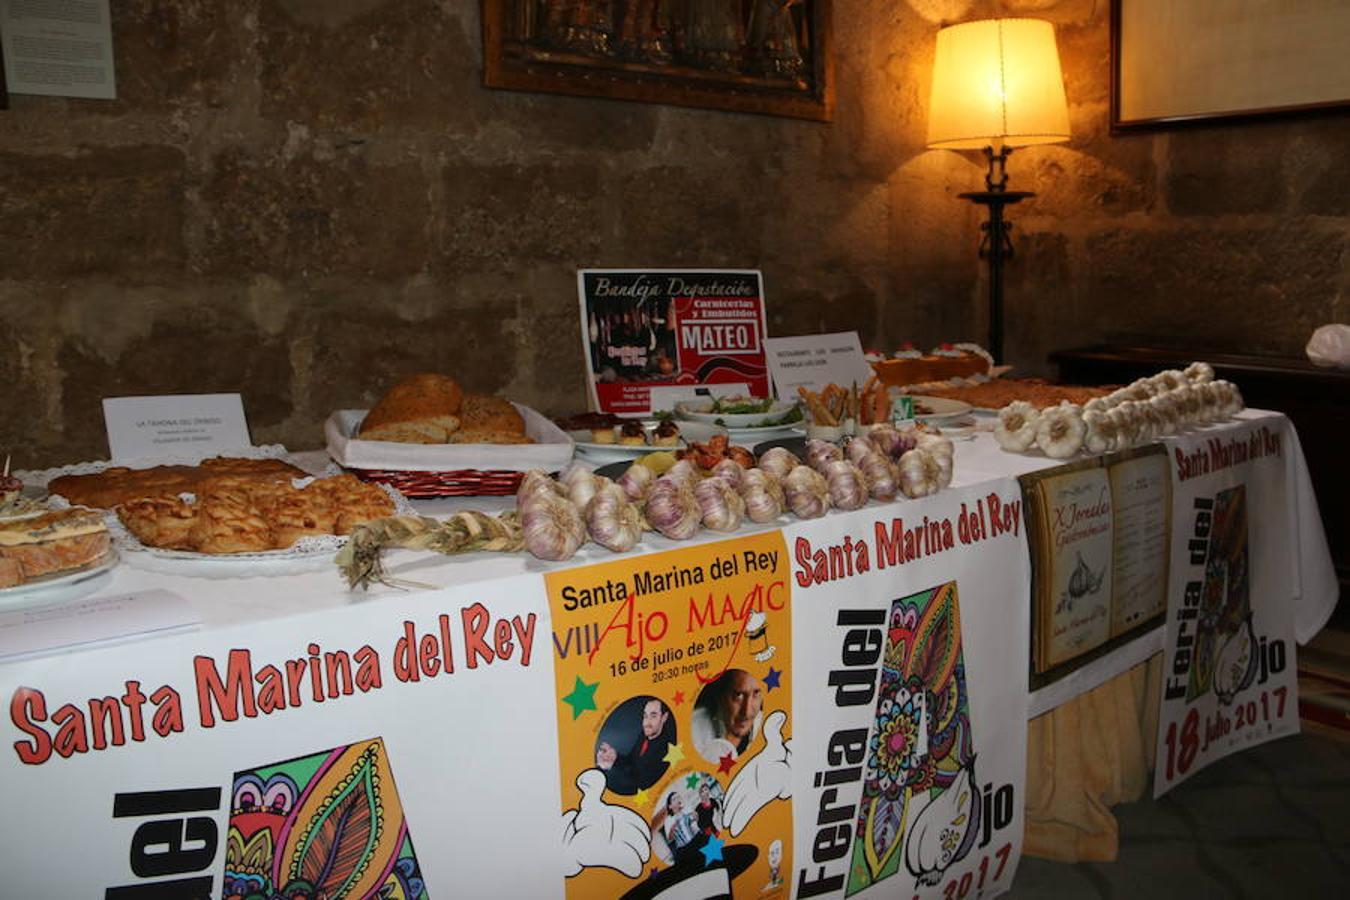 Santa Marina del Rey prepara su mejor maridaje